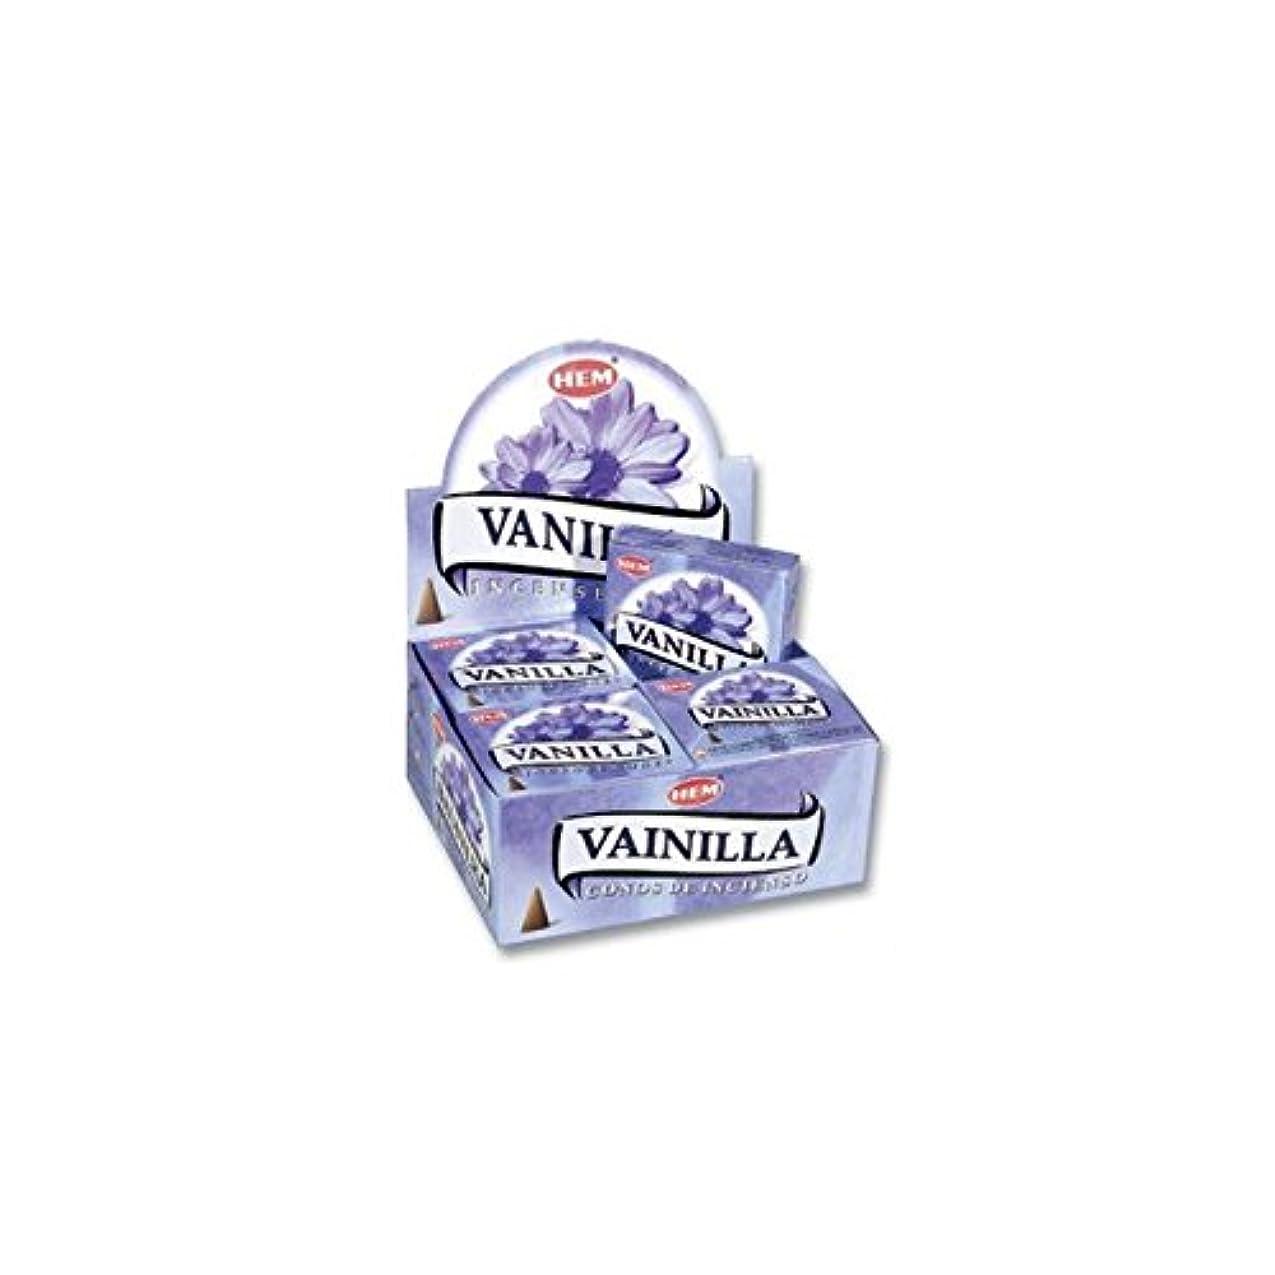 中絶悪性のインストールHEM お香 バニラ(VANILLA) コーンタイプ 1ケース(12箱入り) HEMお香